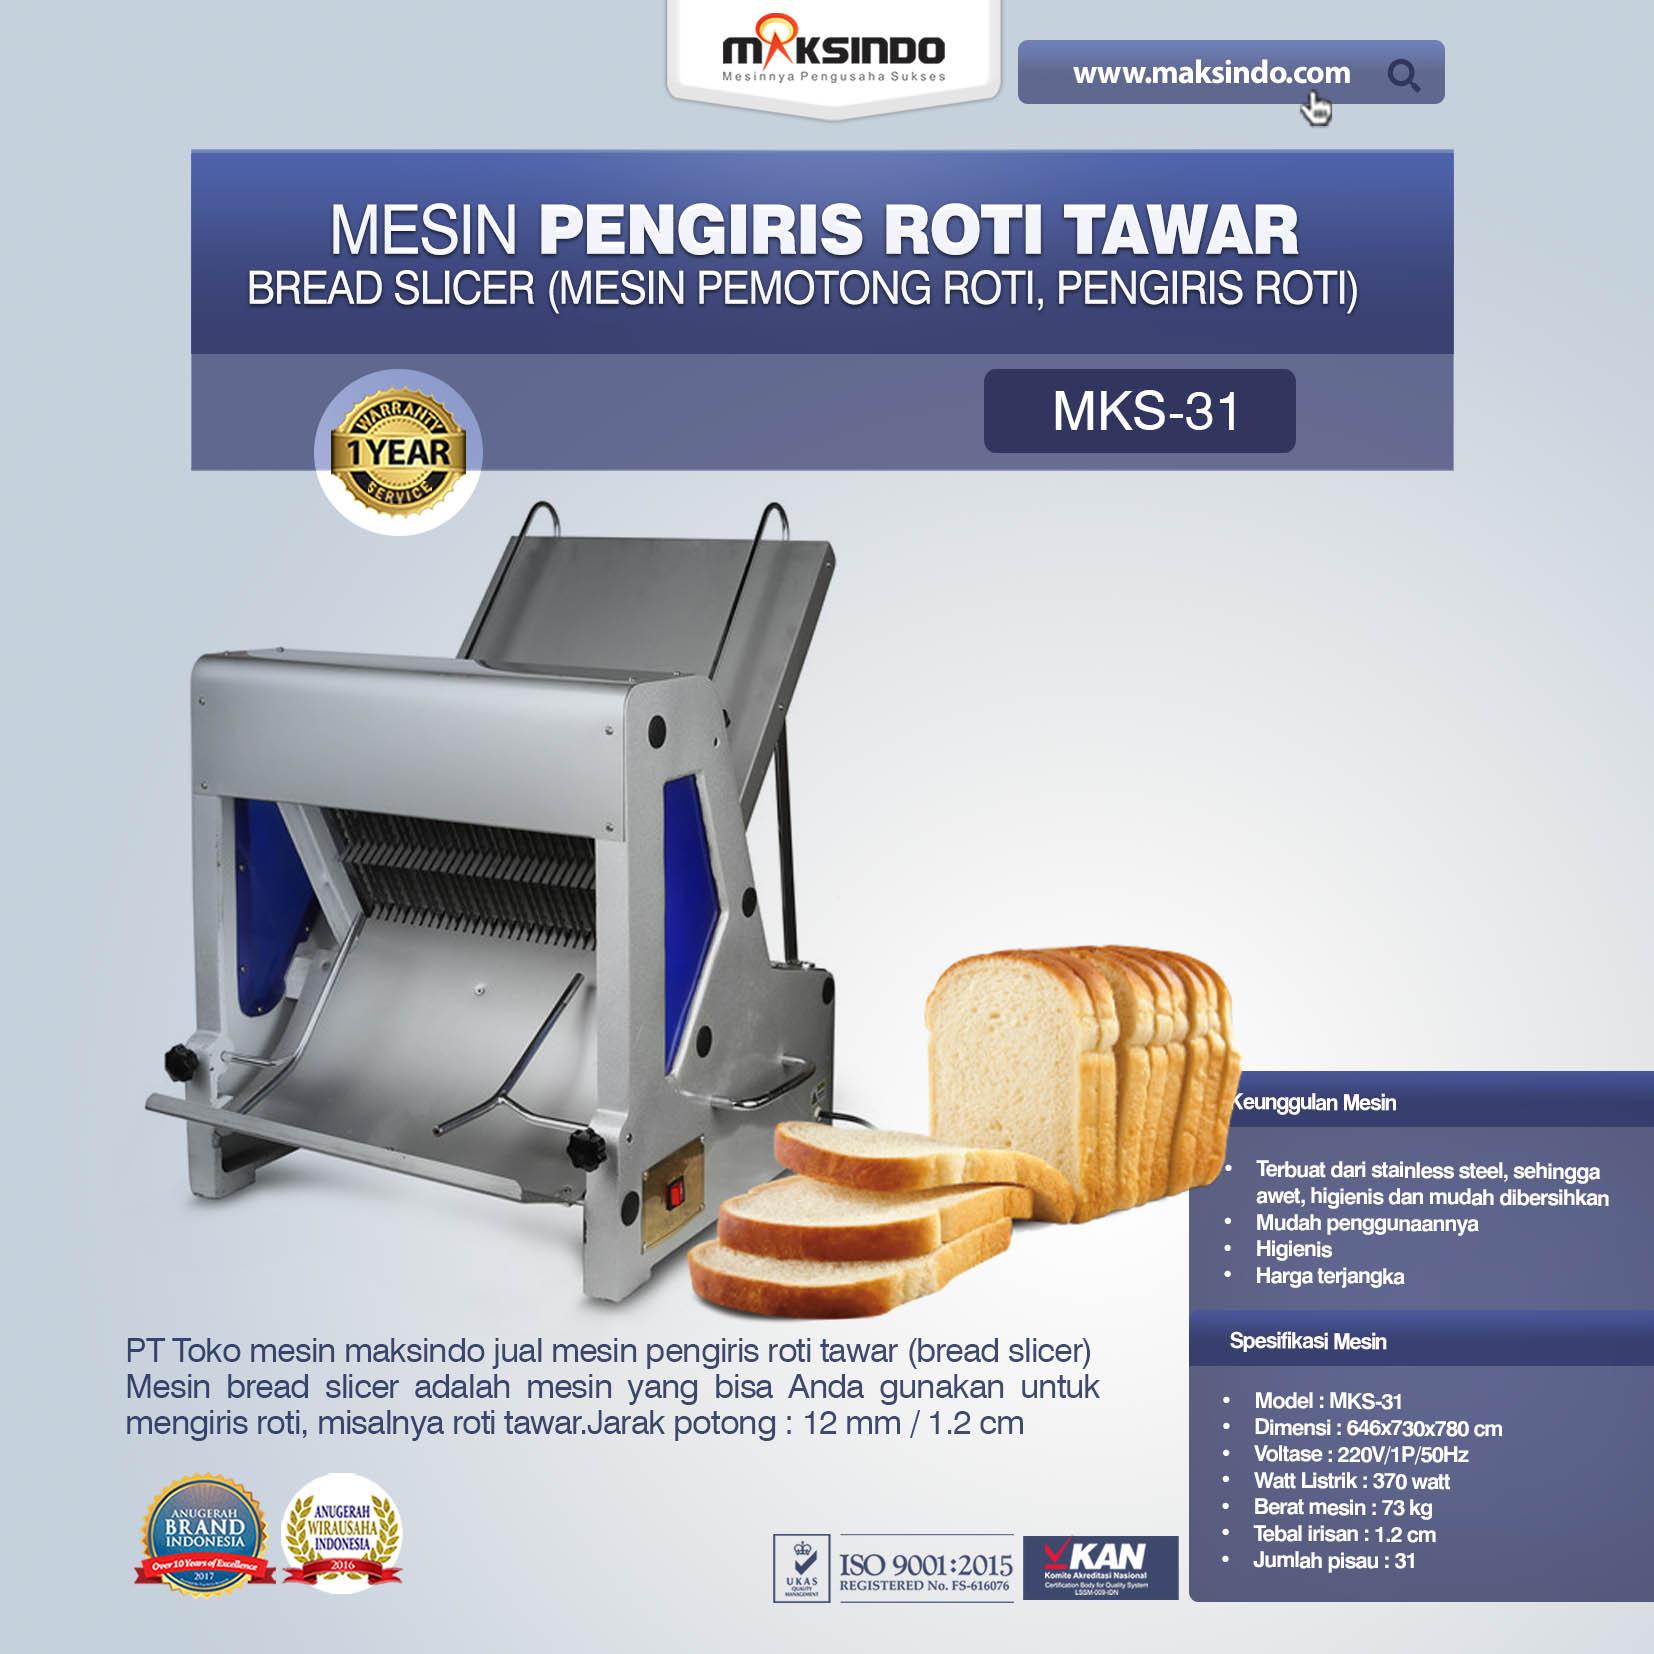 Jual Mesin Pengiris Roti Tawar (Bread Slicer) di Jakarta